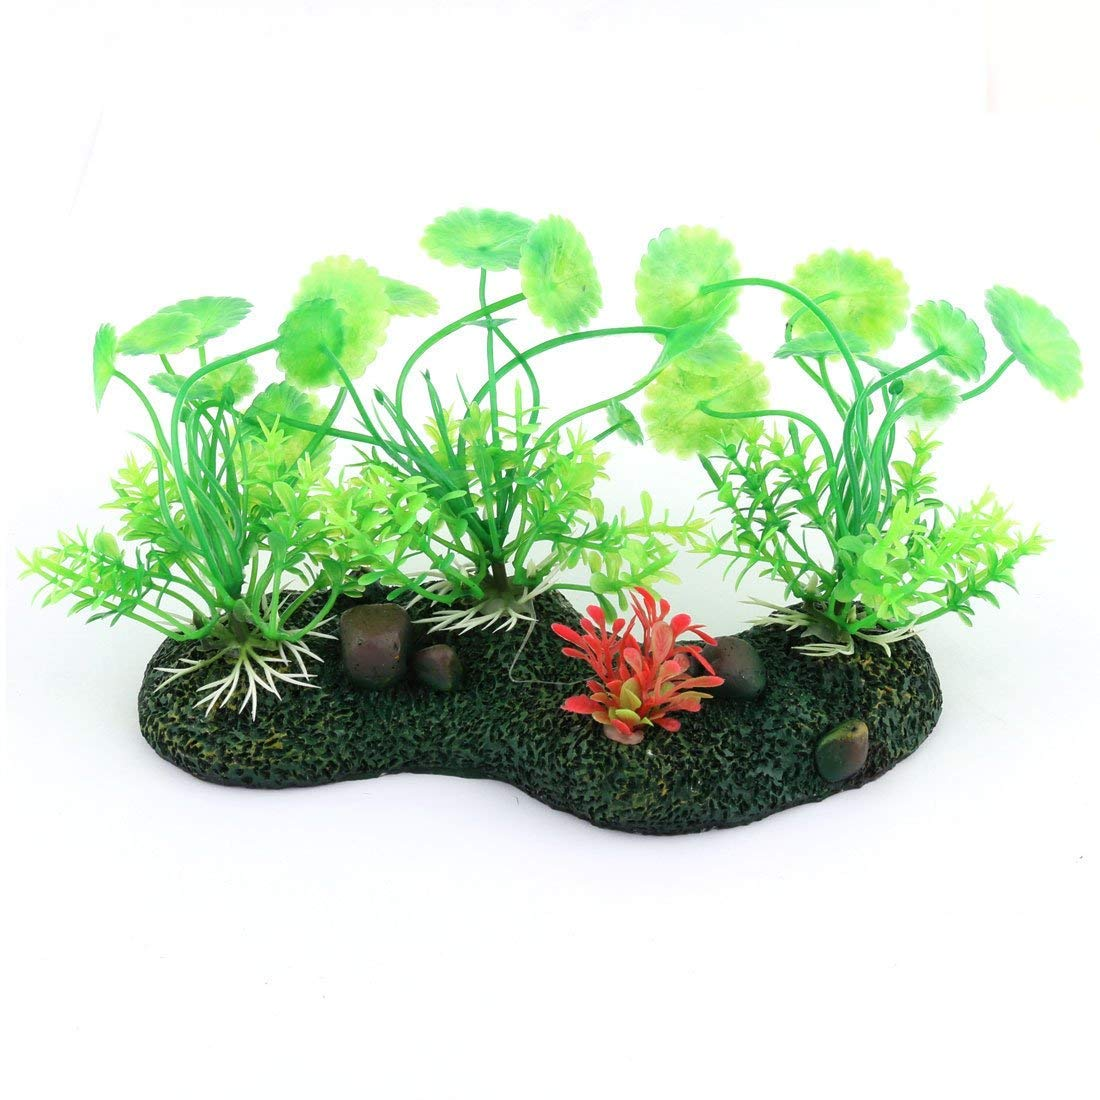 Fish Bowl Tank Landscape Artificial Plant Aquatic Grass 3 Inches Width 10PCS